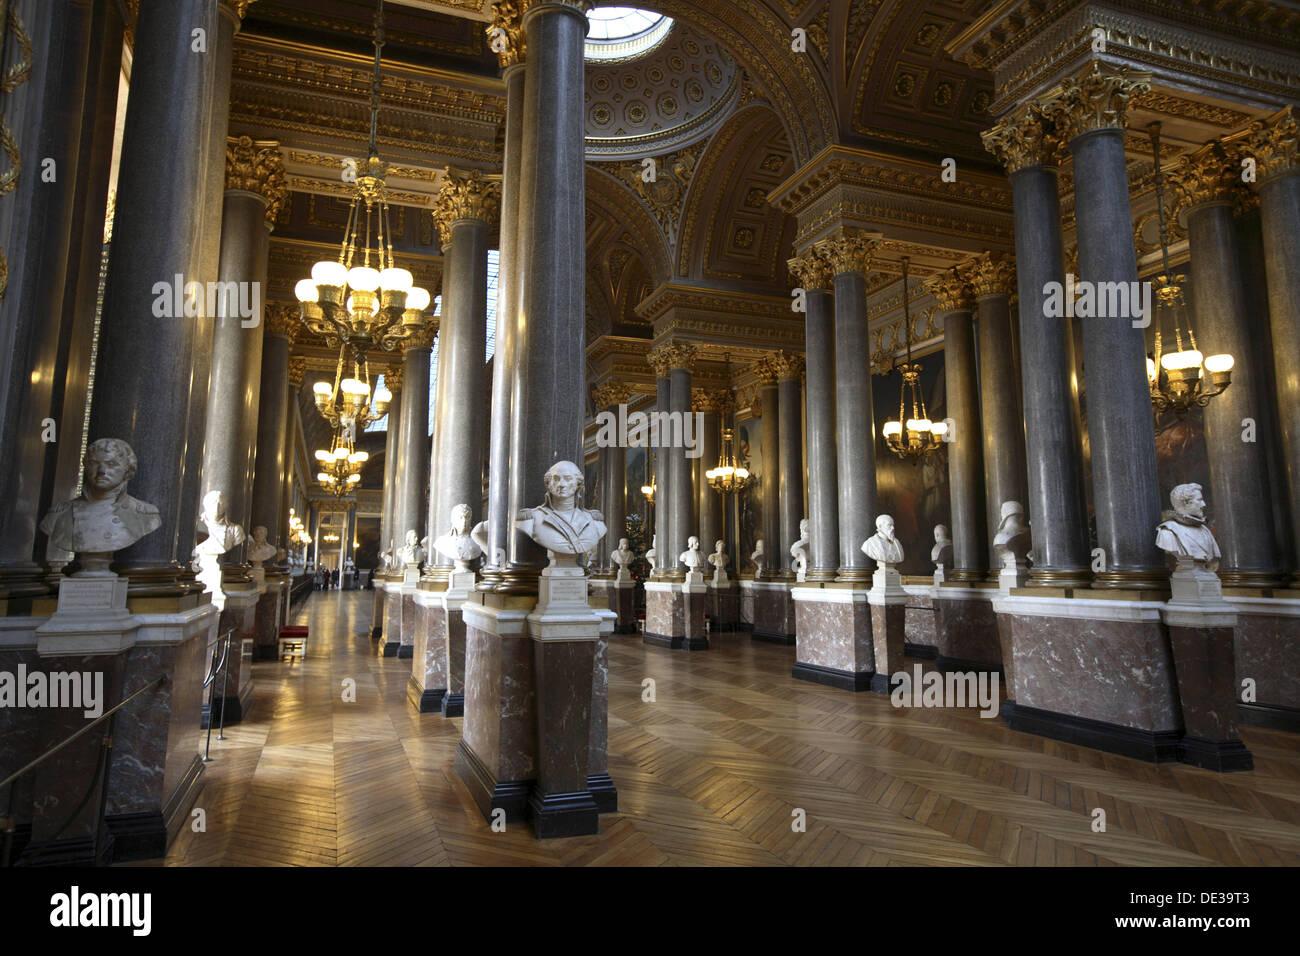 Palace Versailles Salon De La Stock Photos  Palace Versailles Salon De La Stock Images  Alamy